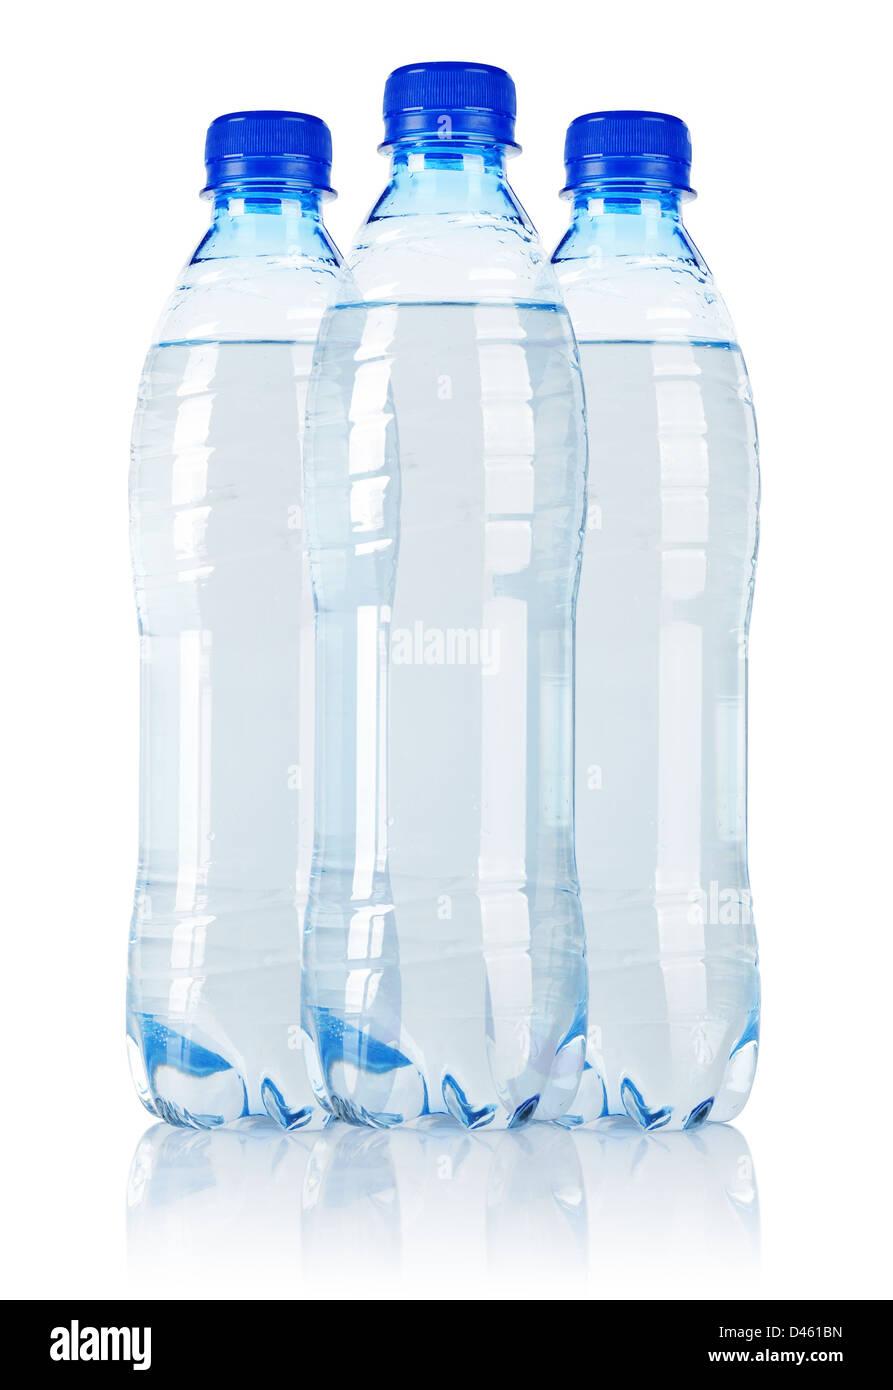 Tre soda water bottiglia isolato su sfondo bianco Immagini Stock